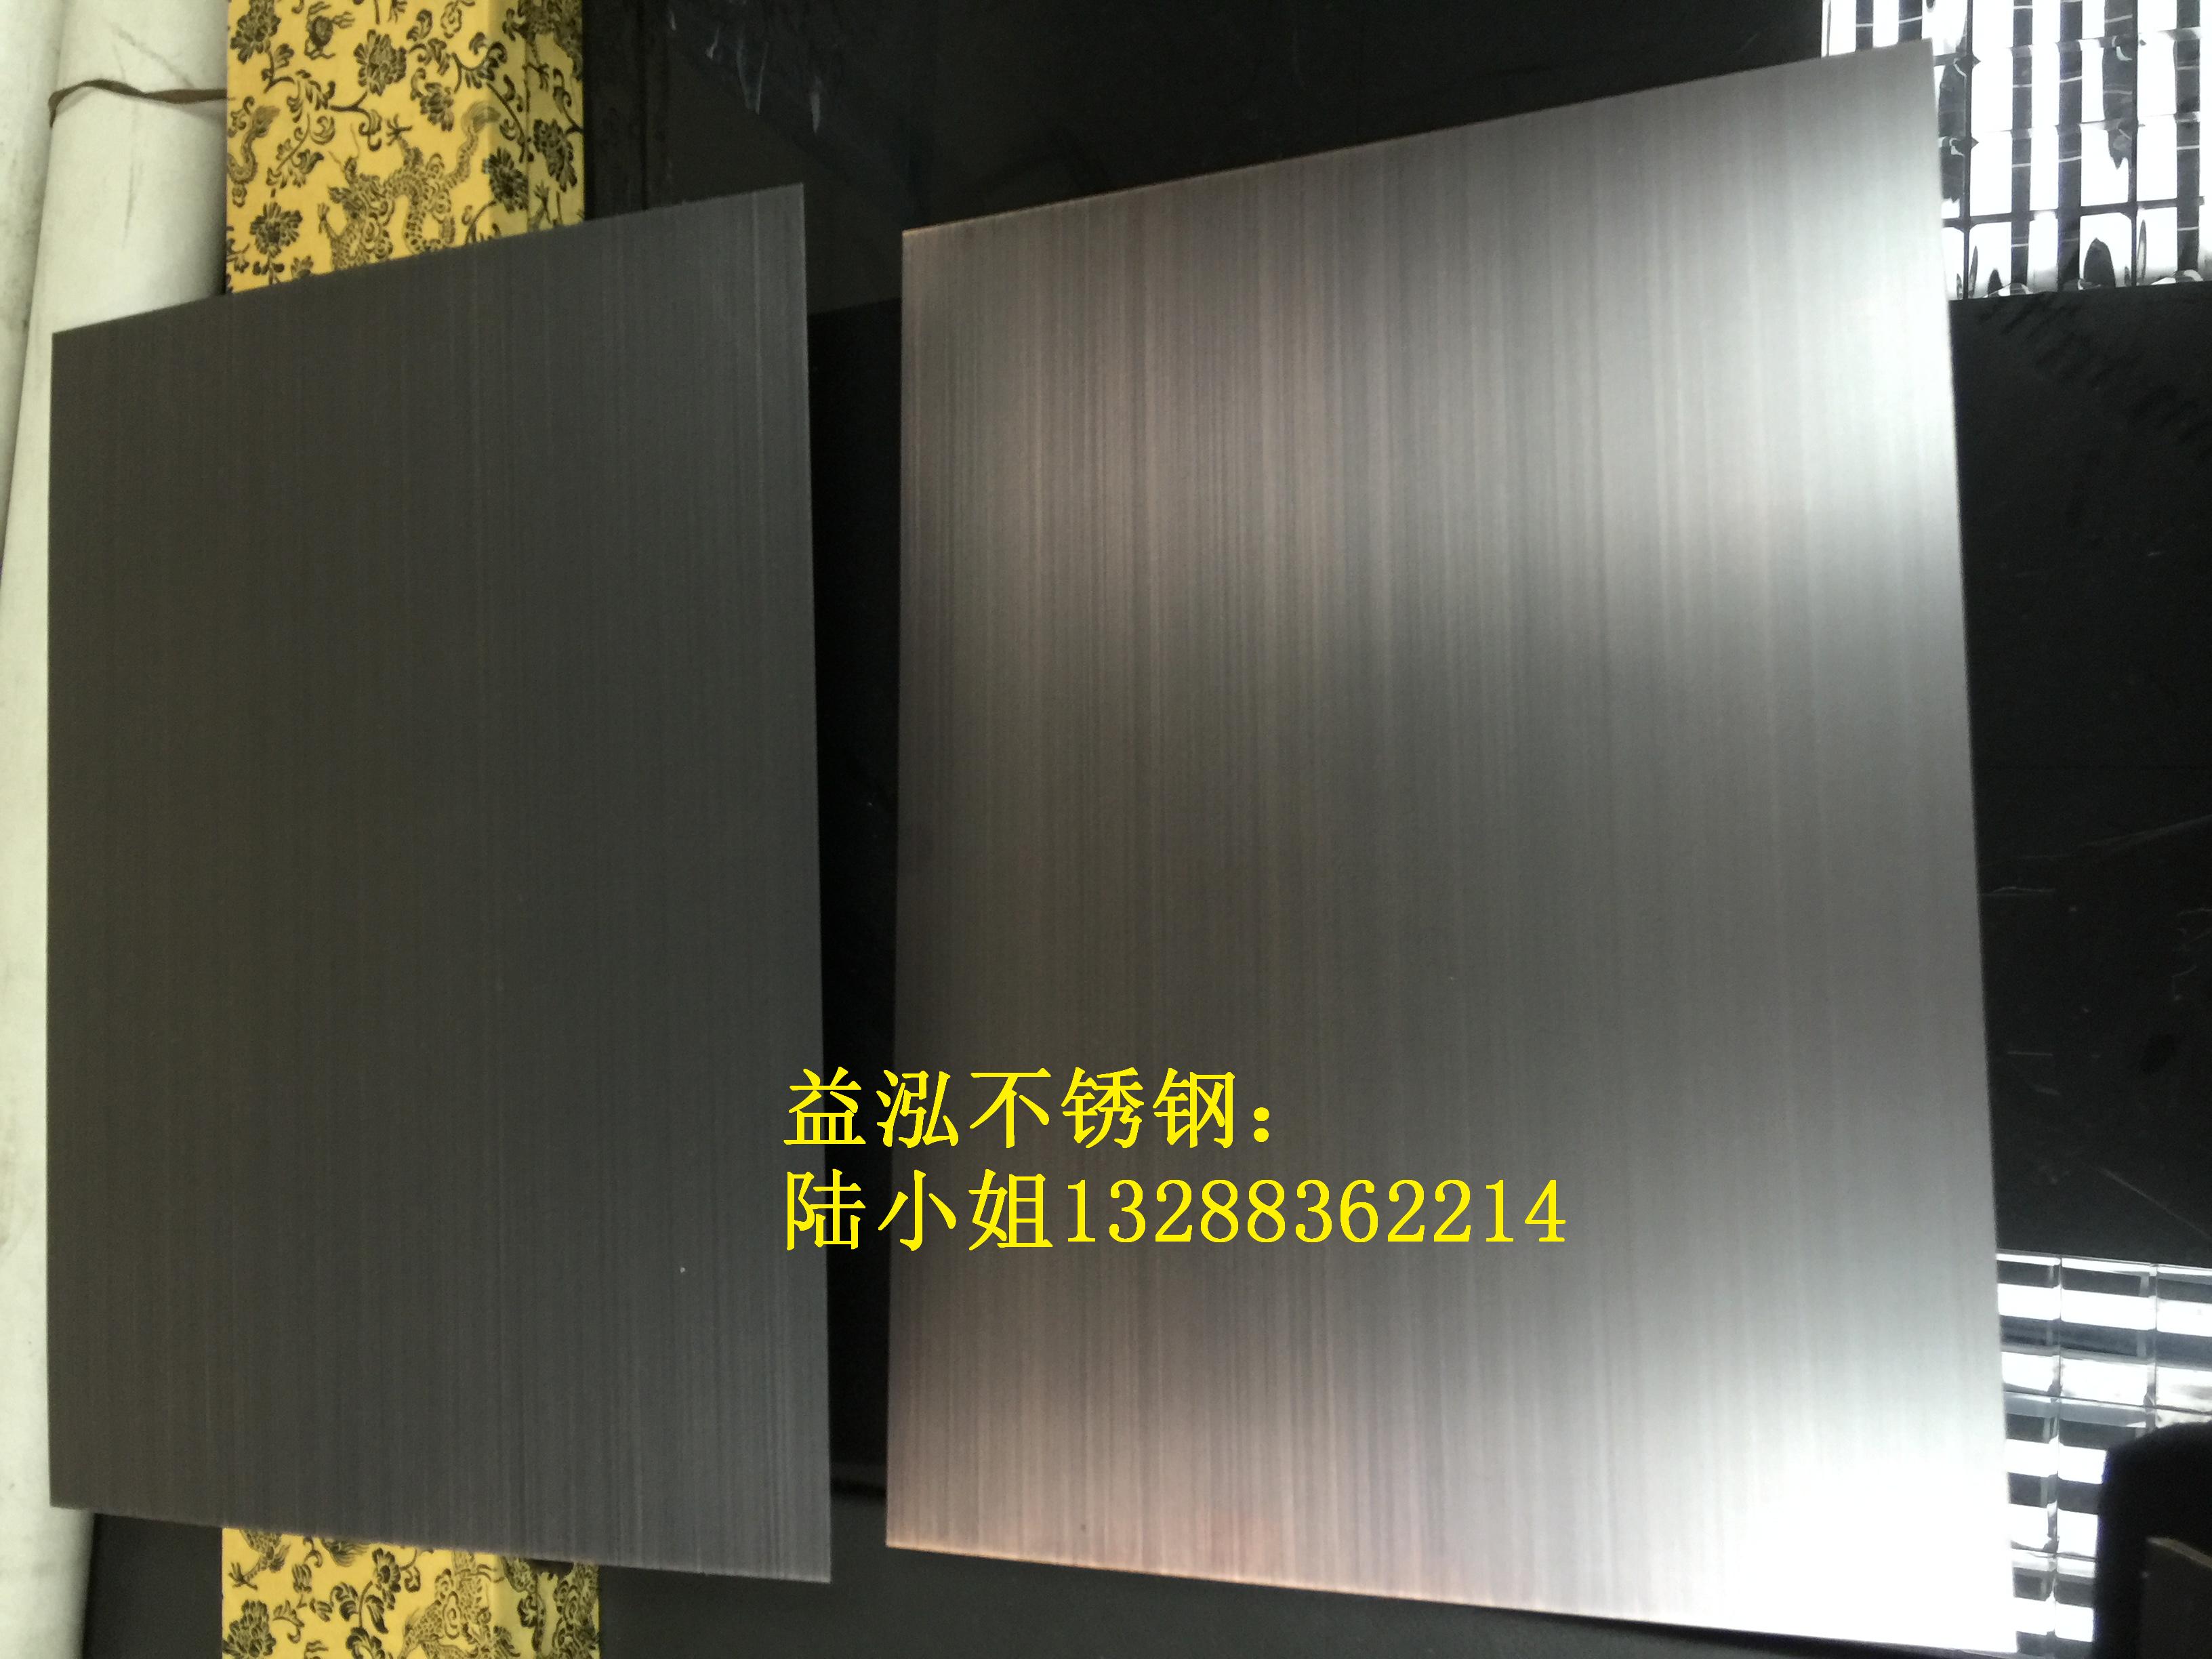 水镀青古铜板不锈钢板材做旧处理 201青古铜不锈钢水镀拉丝板厂家